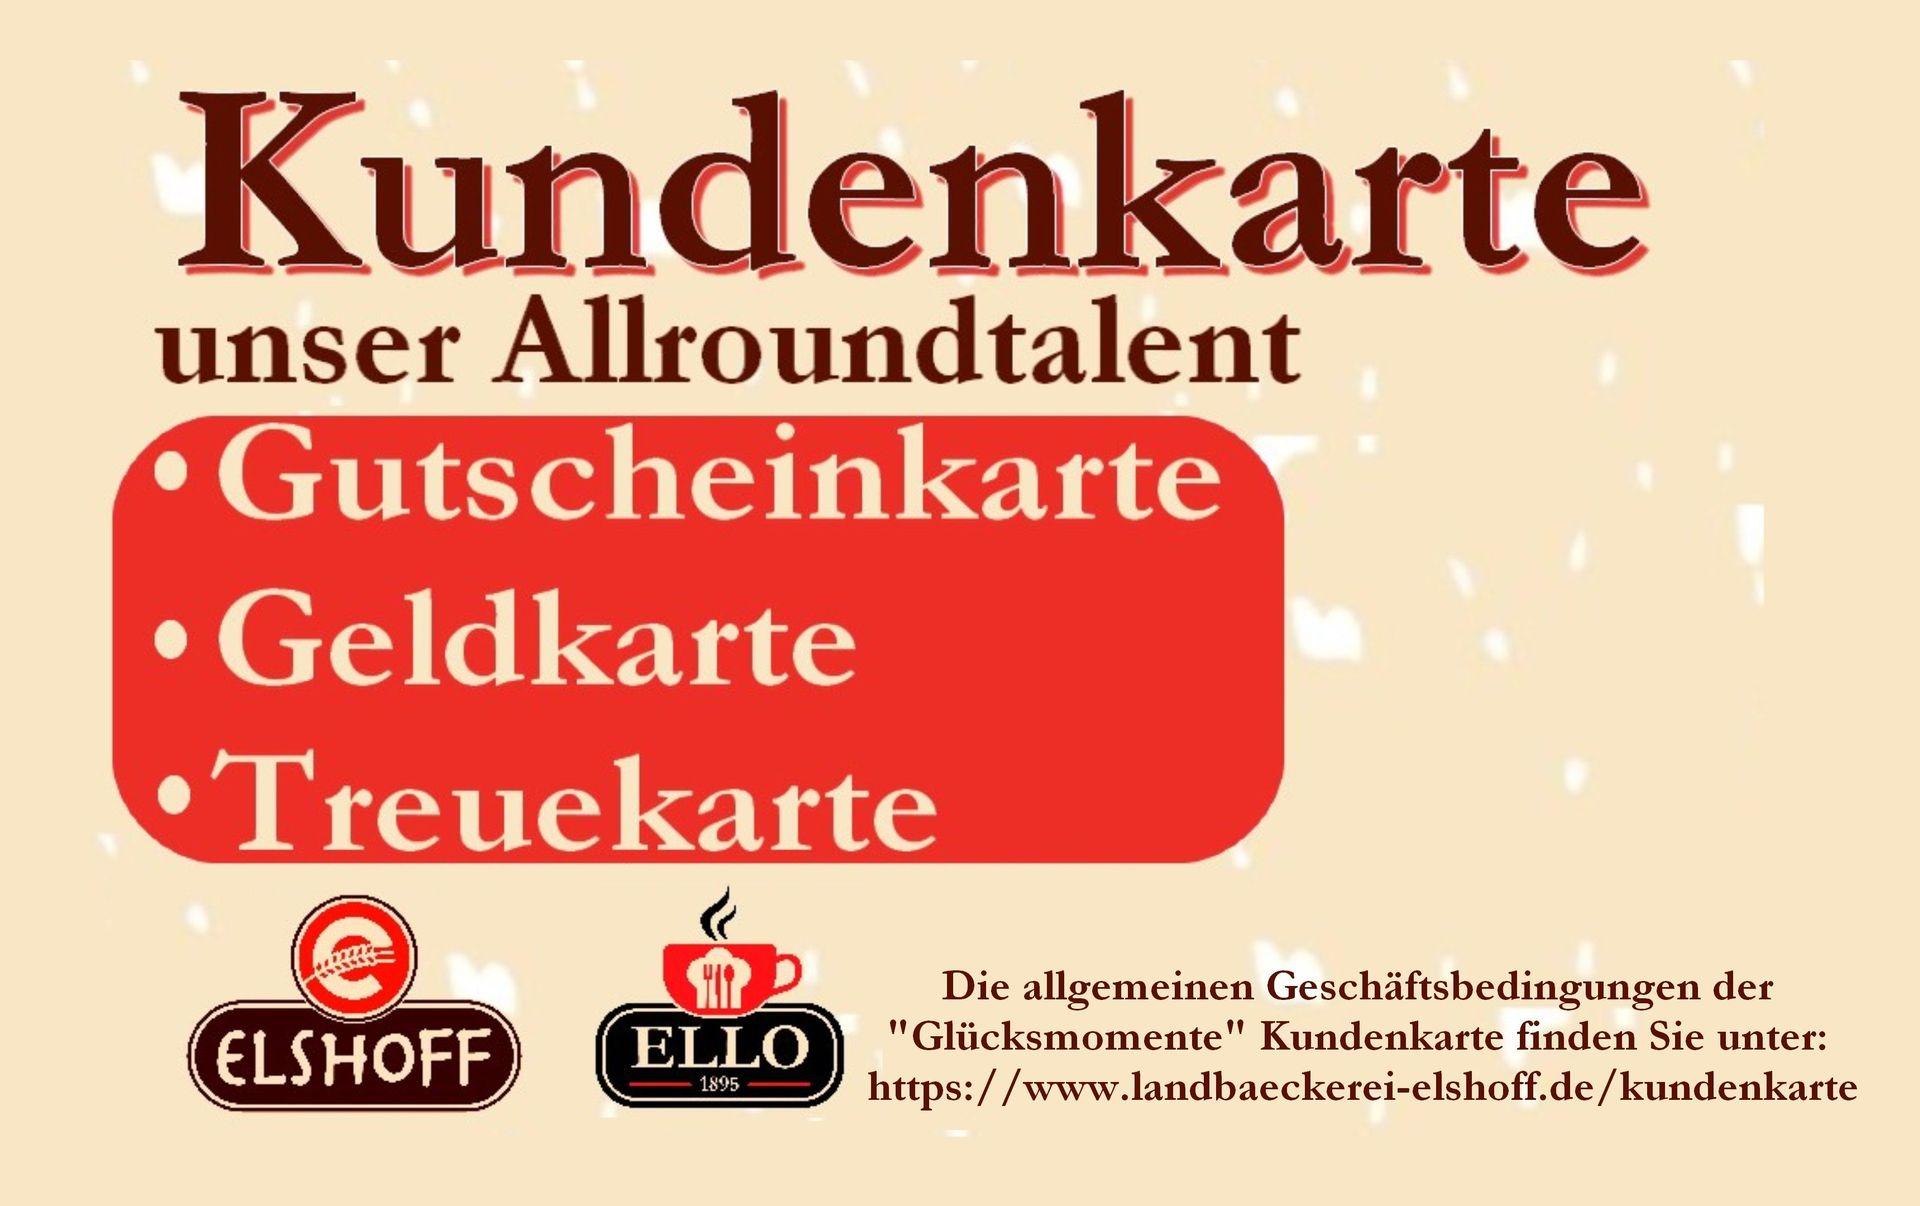 Kundenkarte | Landbäckerei Elshoff